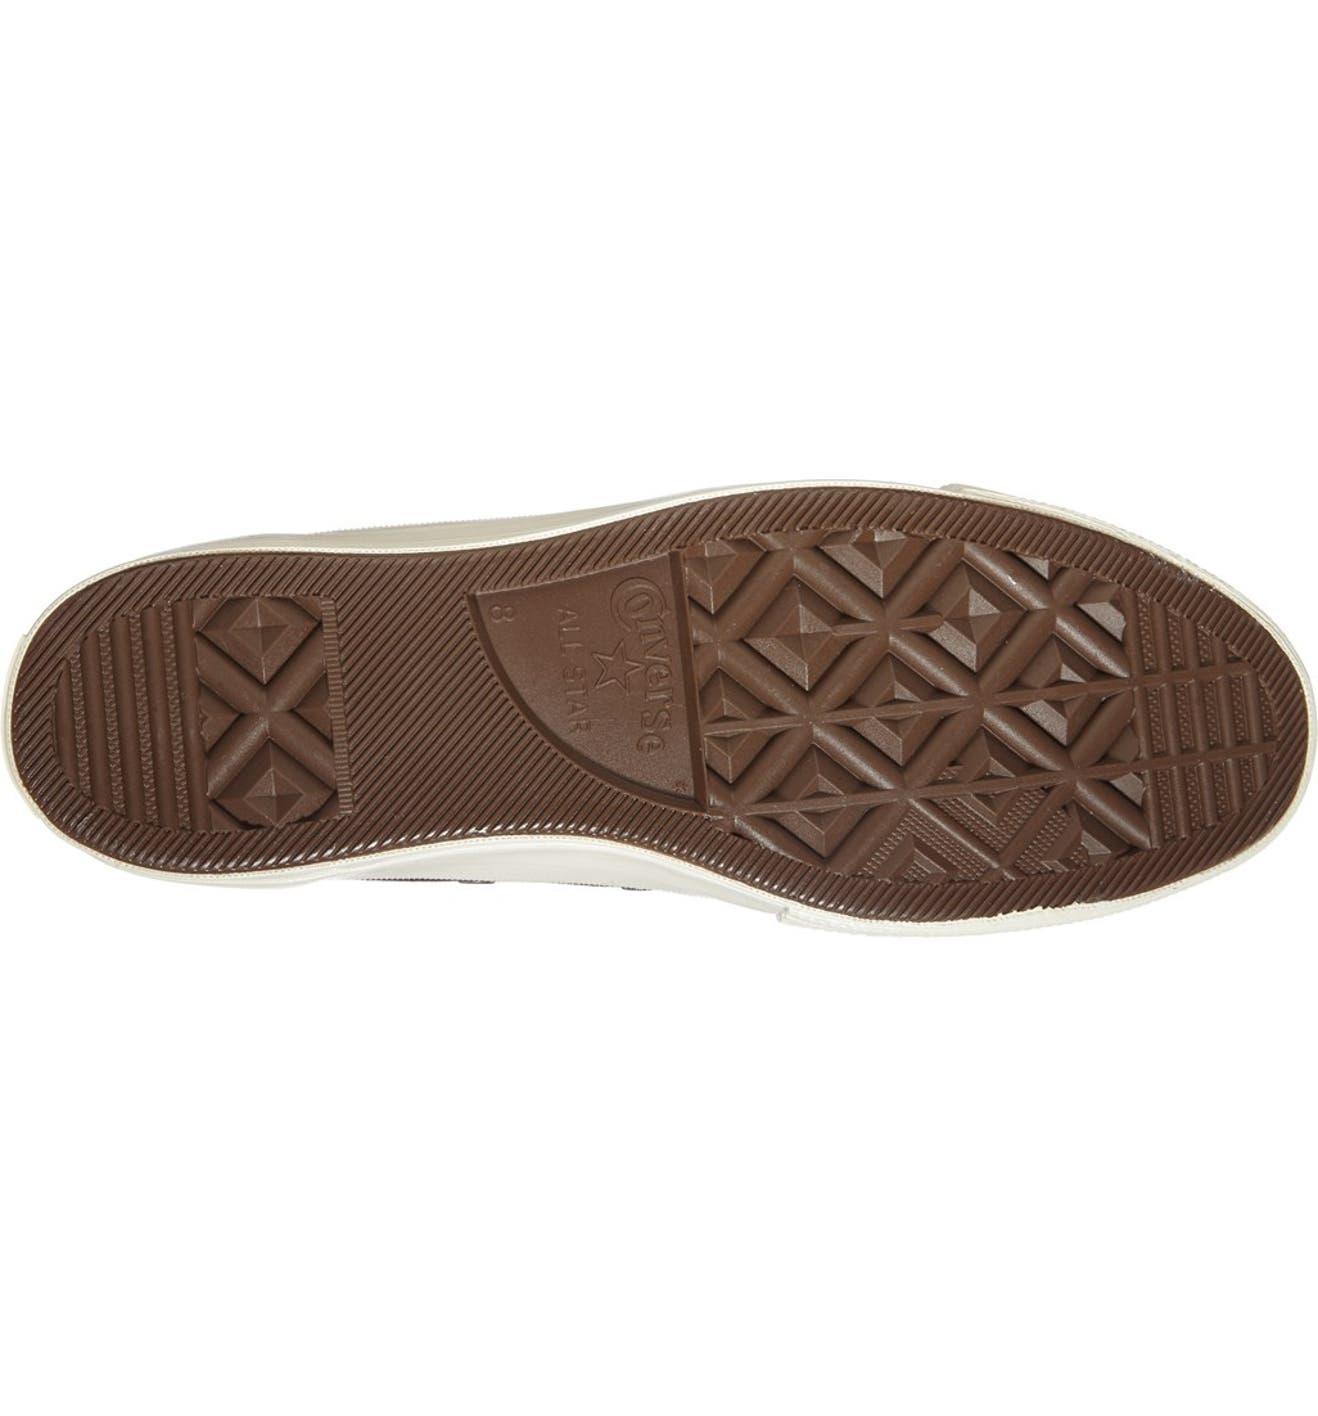 8c2af82260c Comme des Garçons PLAY x Converse Chuck Taylor® Low Top Sneaker (Men ...